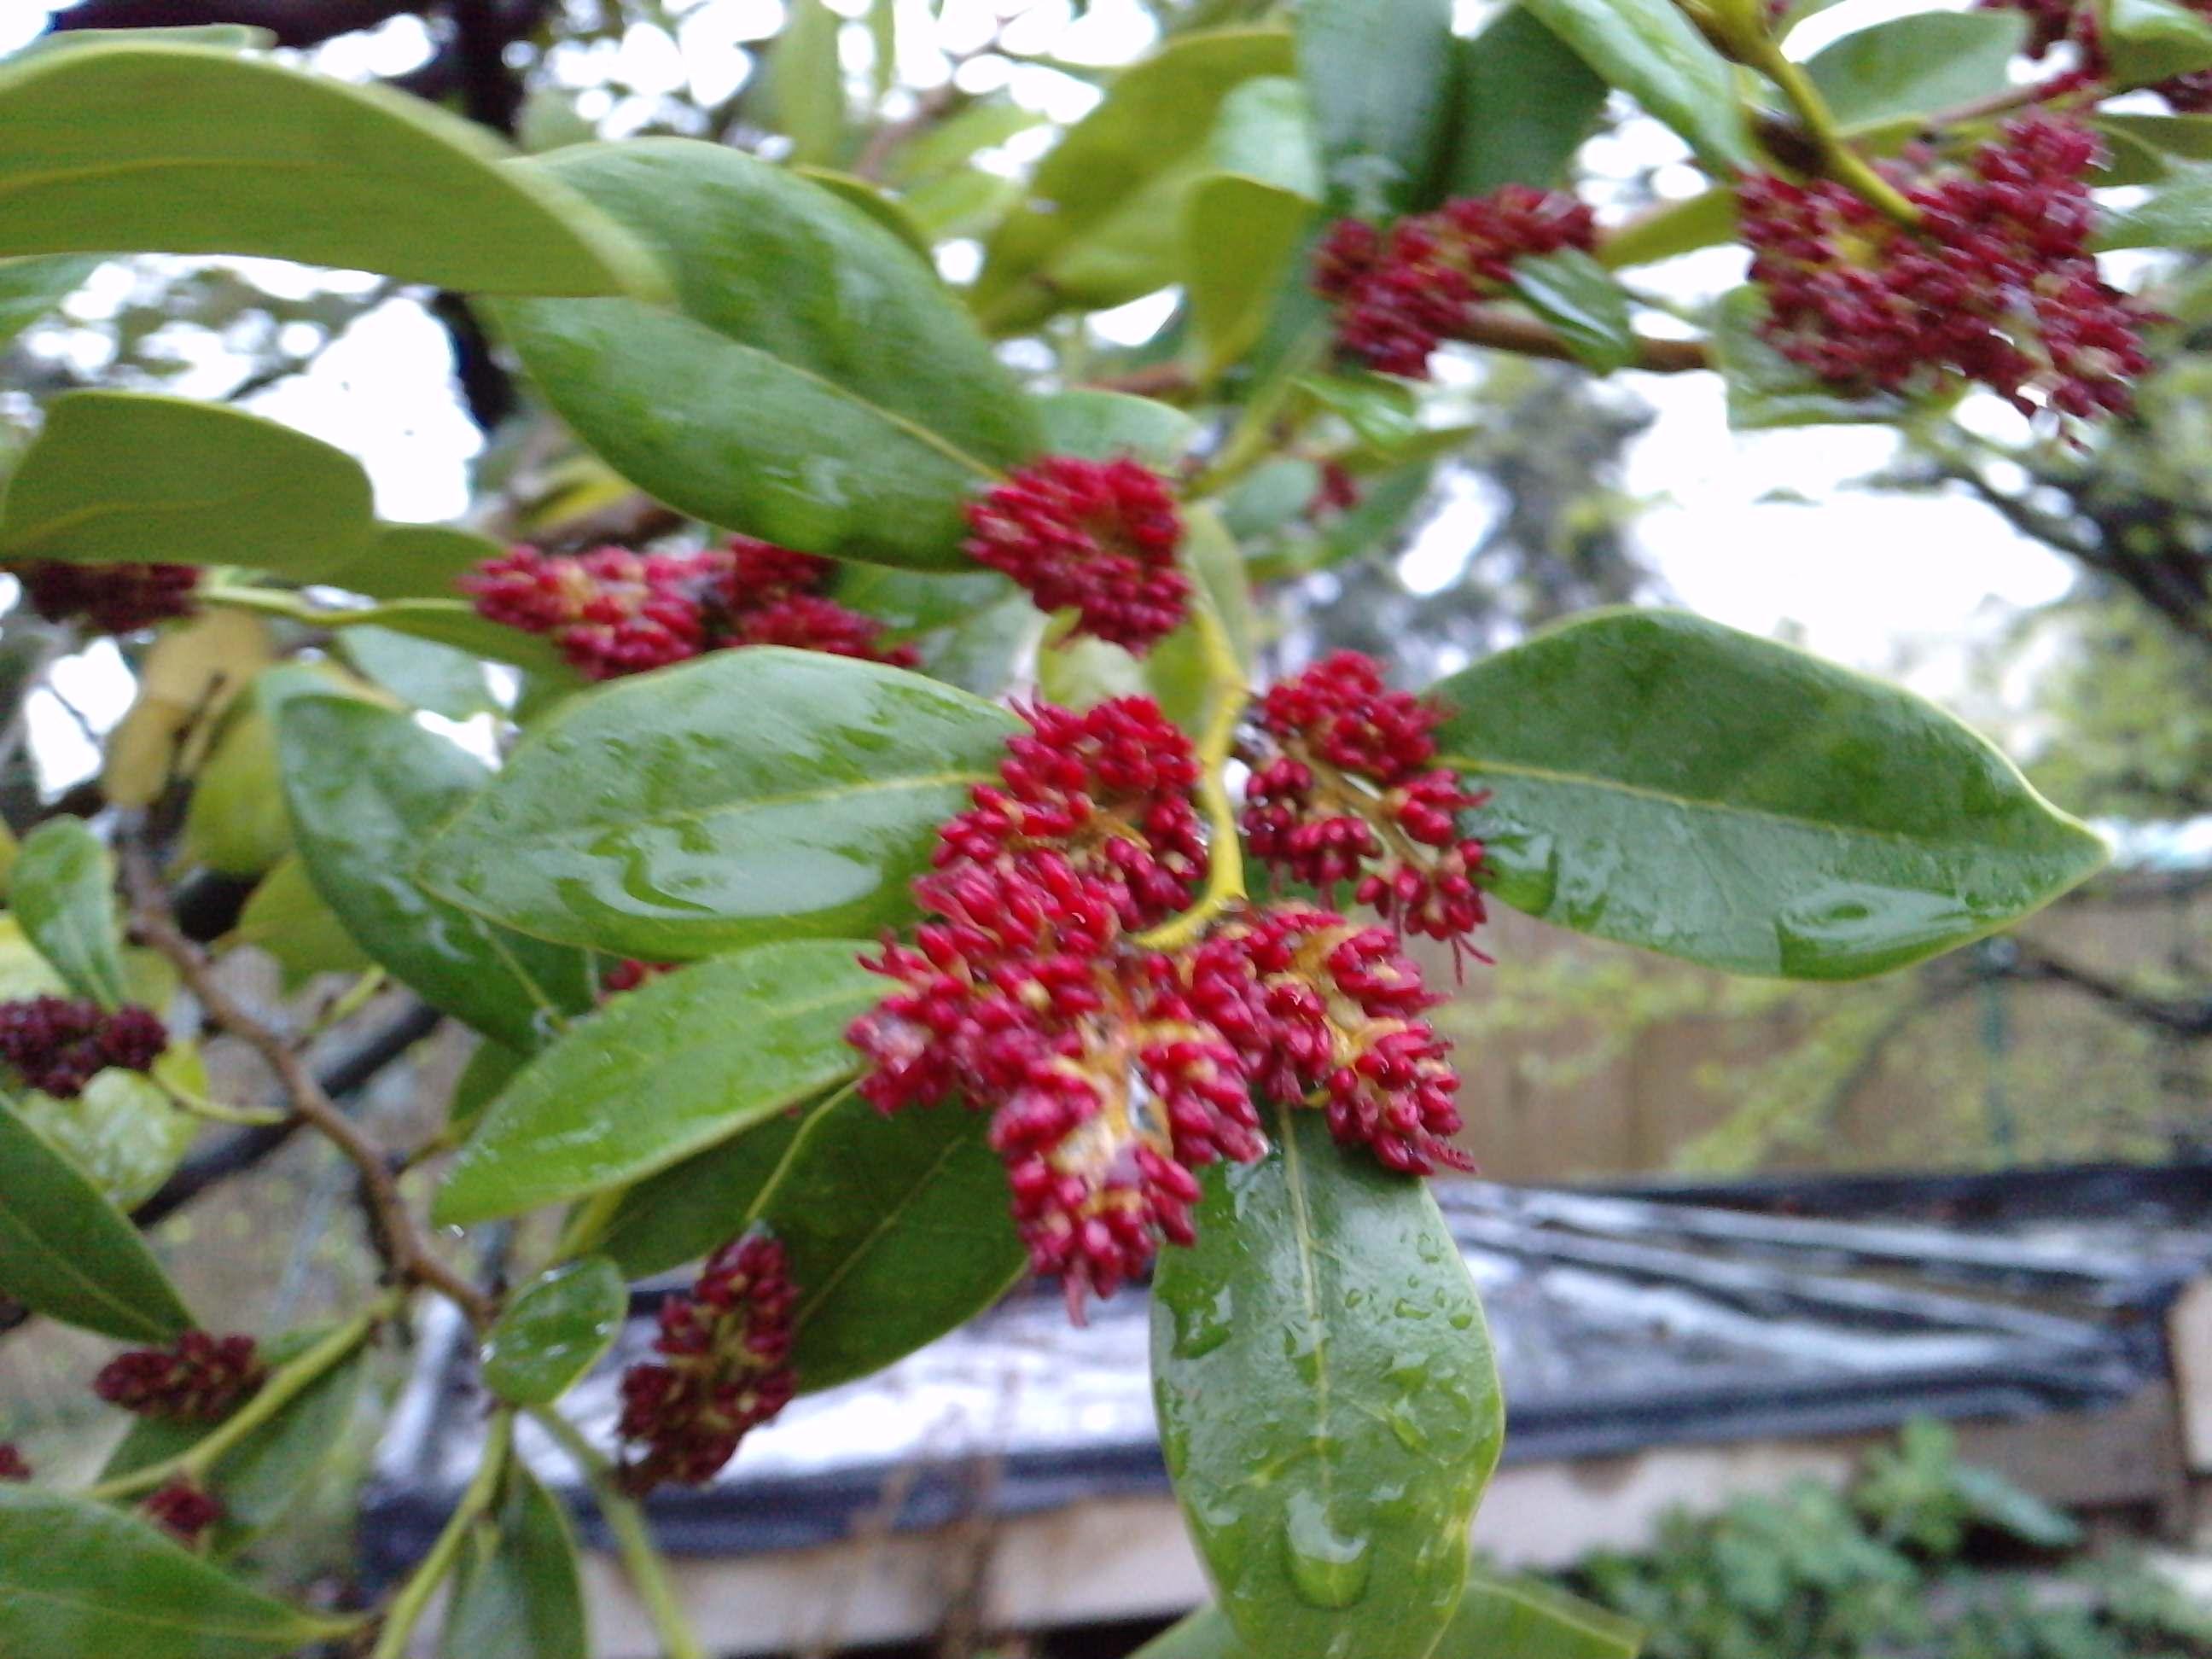 Quelques arbustes en fleurs  121202DISTYLIUMracemosumHamamelidaceaele310311